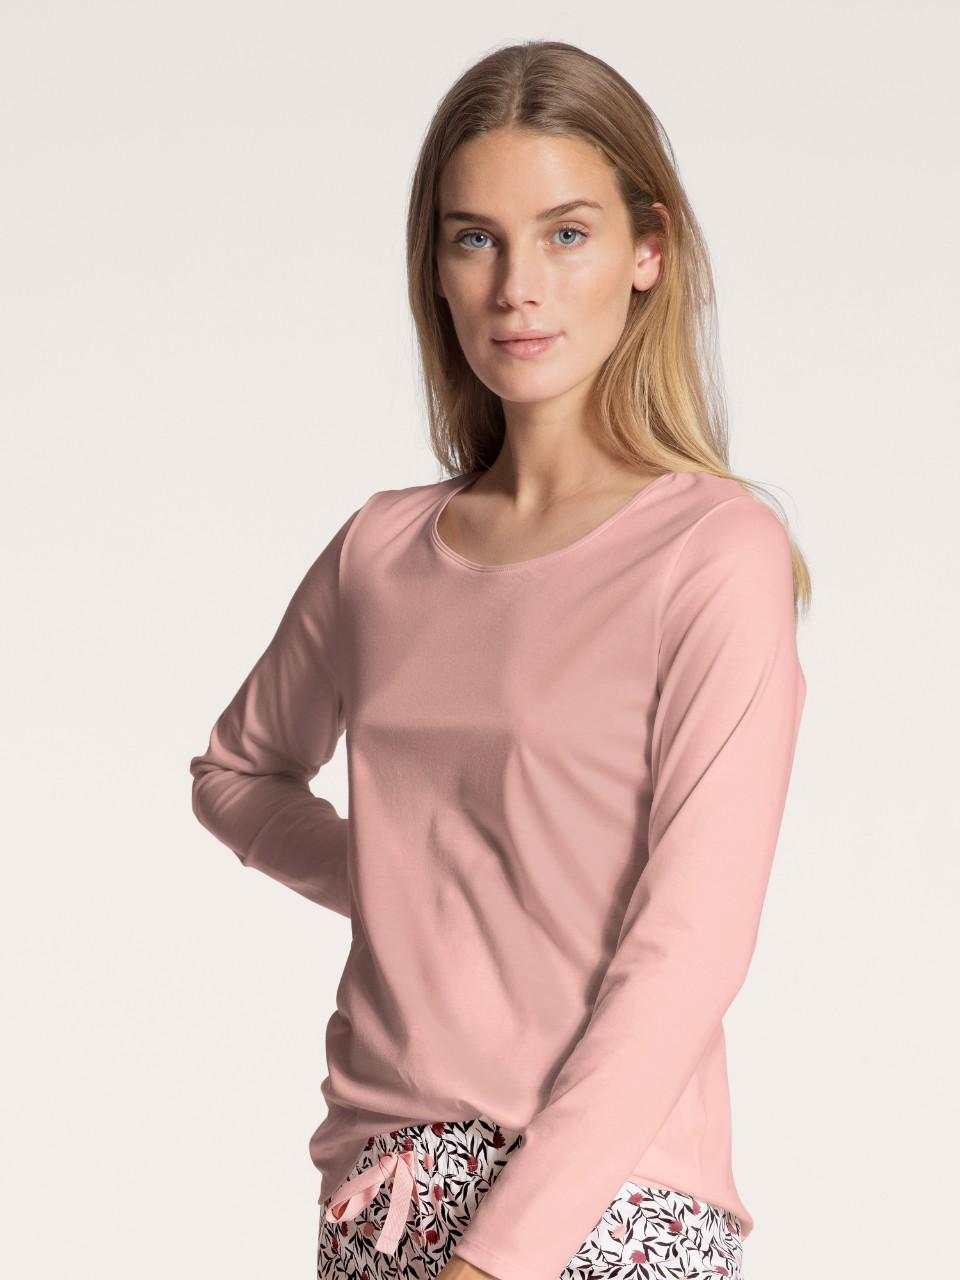 14038 251 tee-shirt vieux rose 100% coton supima Prix : 49.95 €